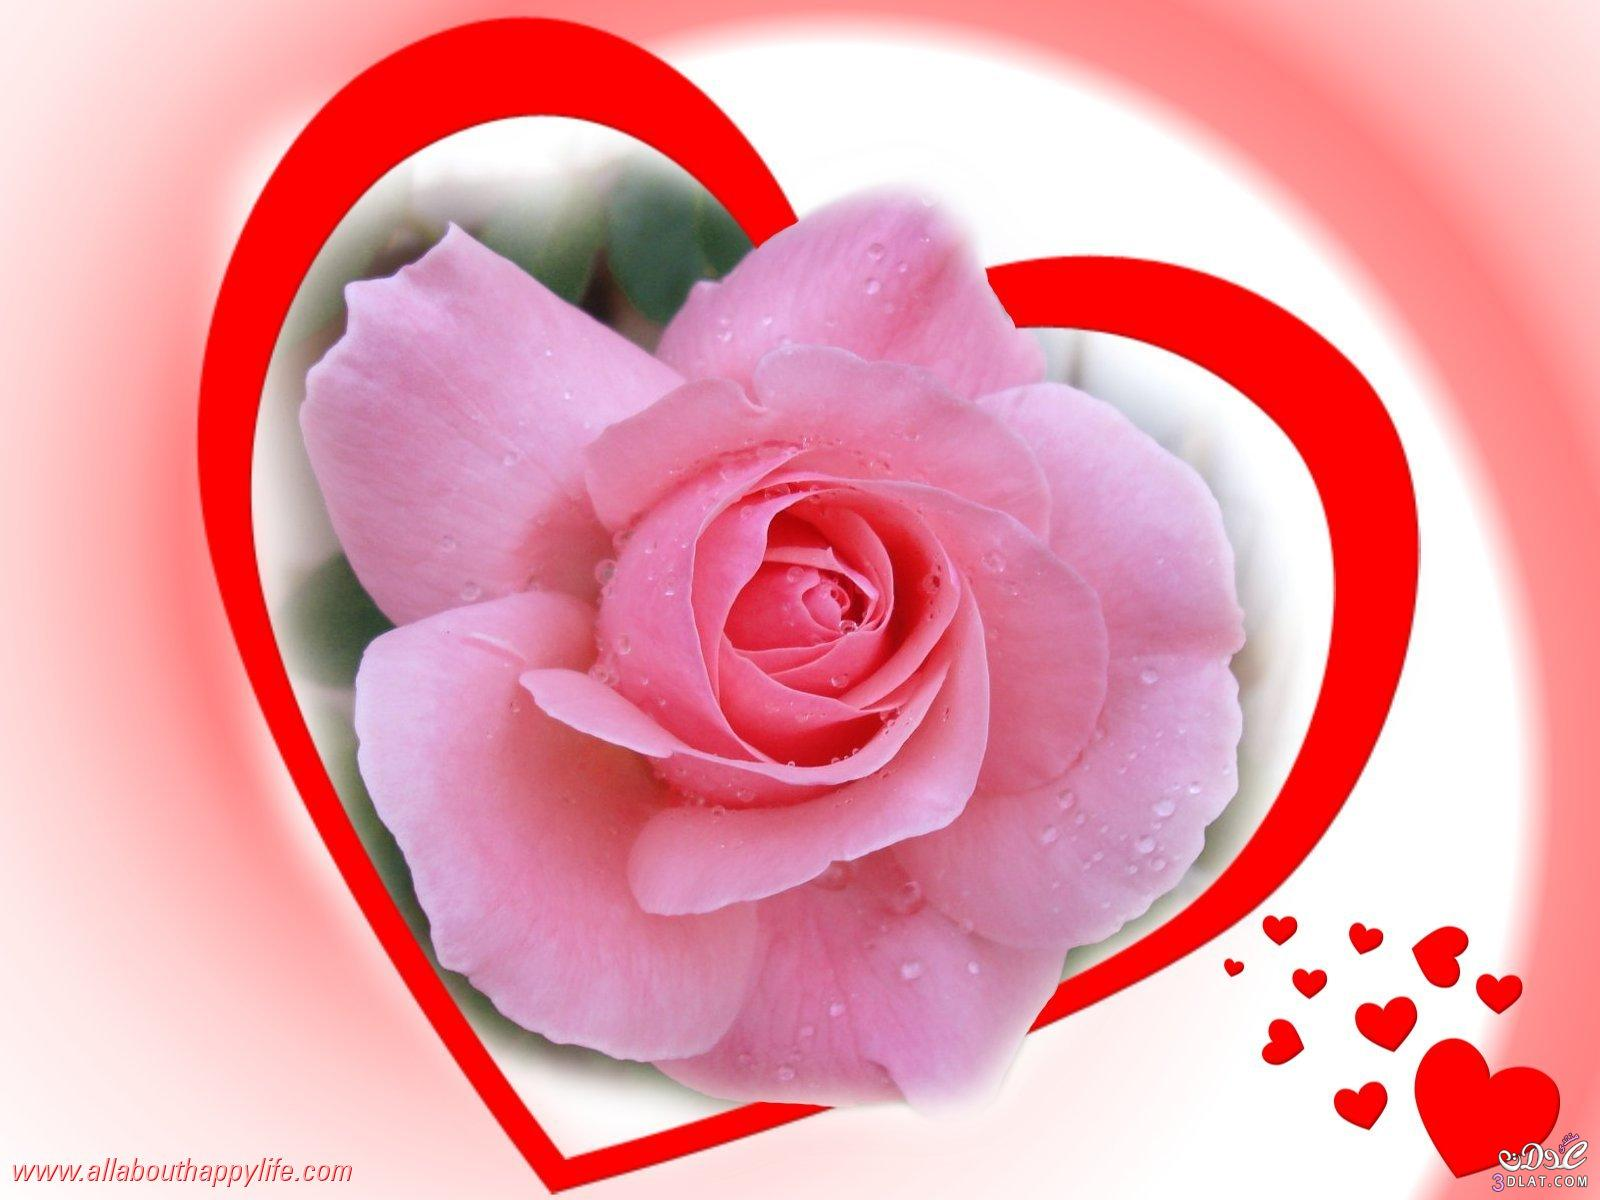 بالصور اجمل صور القلوب والورود 20160712 1805